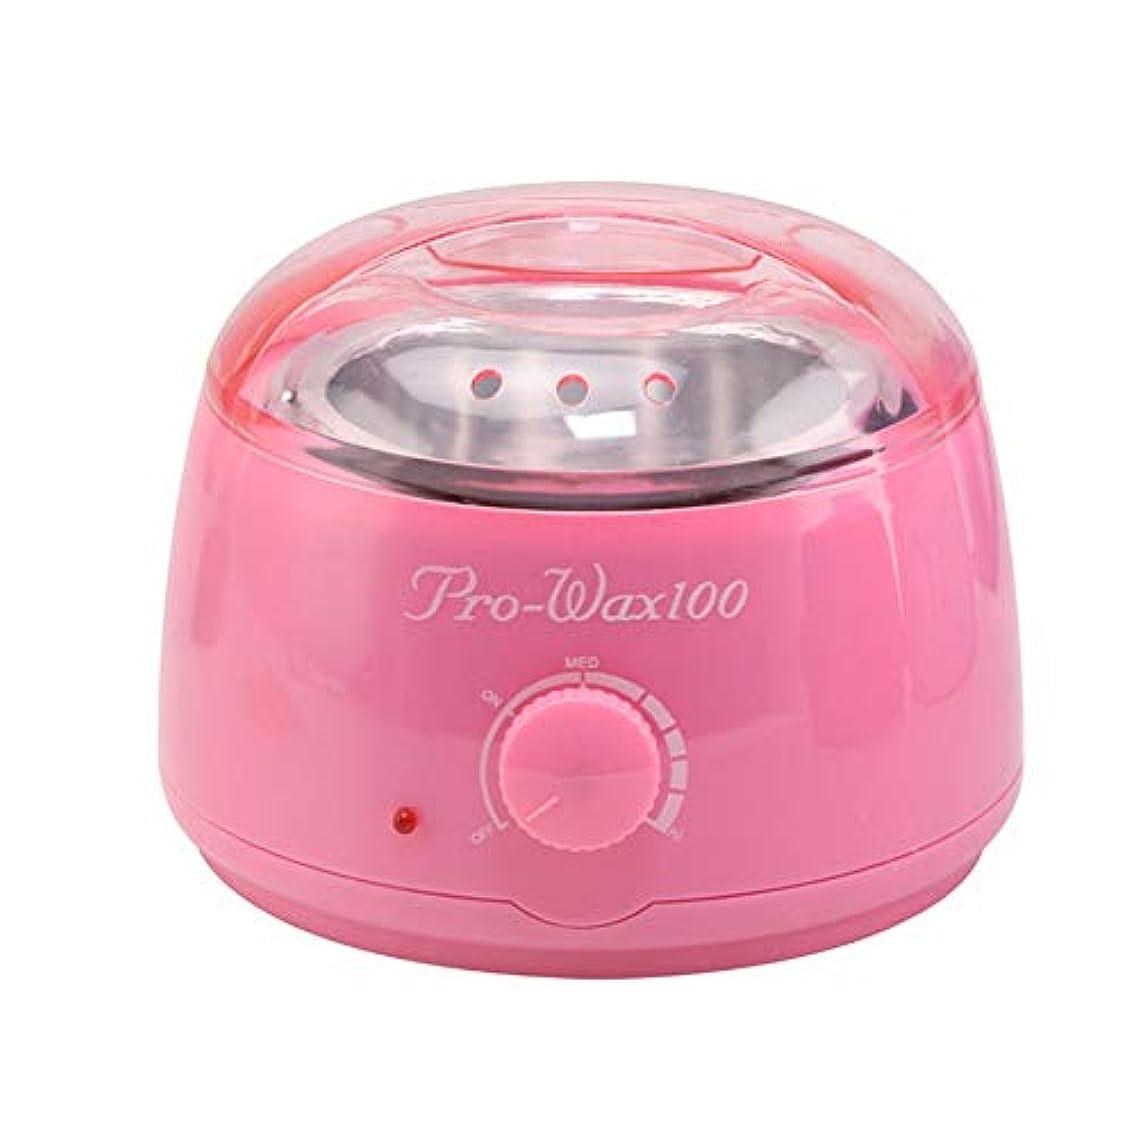 大きいゼリー活力プロフェッショナル暖かいワックスヒーター脱毛ツールミニスパ手足パラフィンワックス機ボディ脱毛ワックス豆ホットワックス脱毛脱毛ワックス機500CC (Color : Pink)